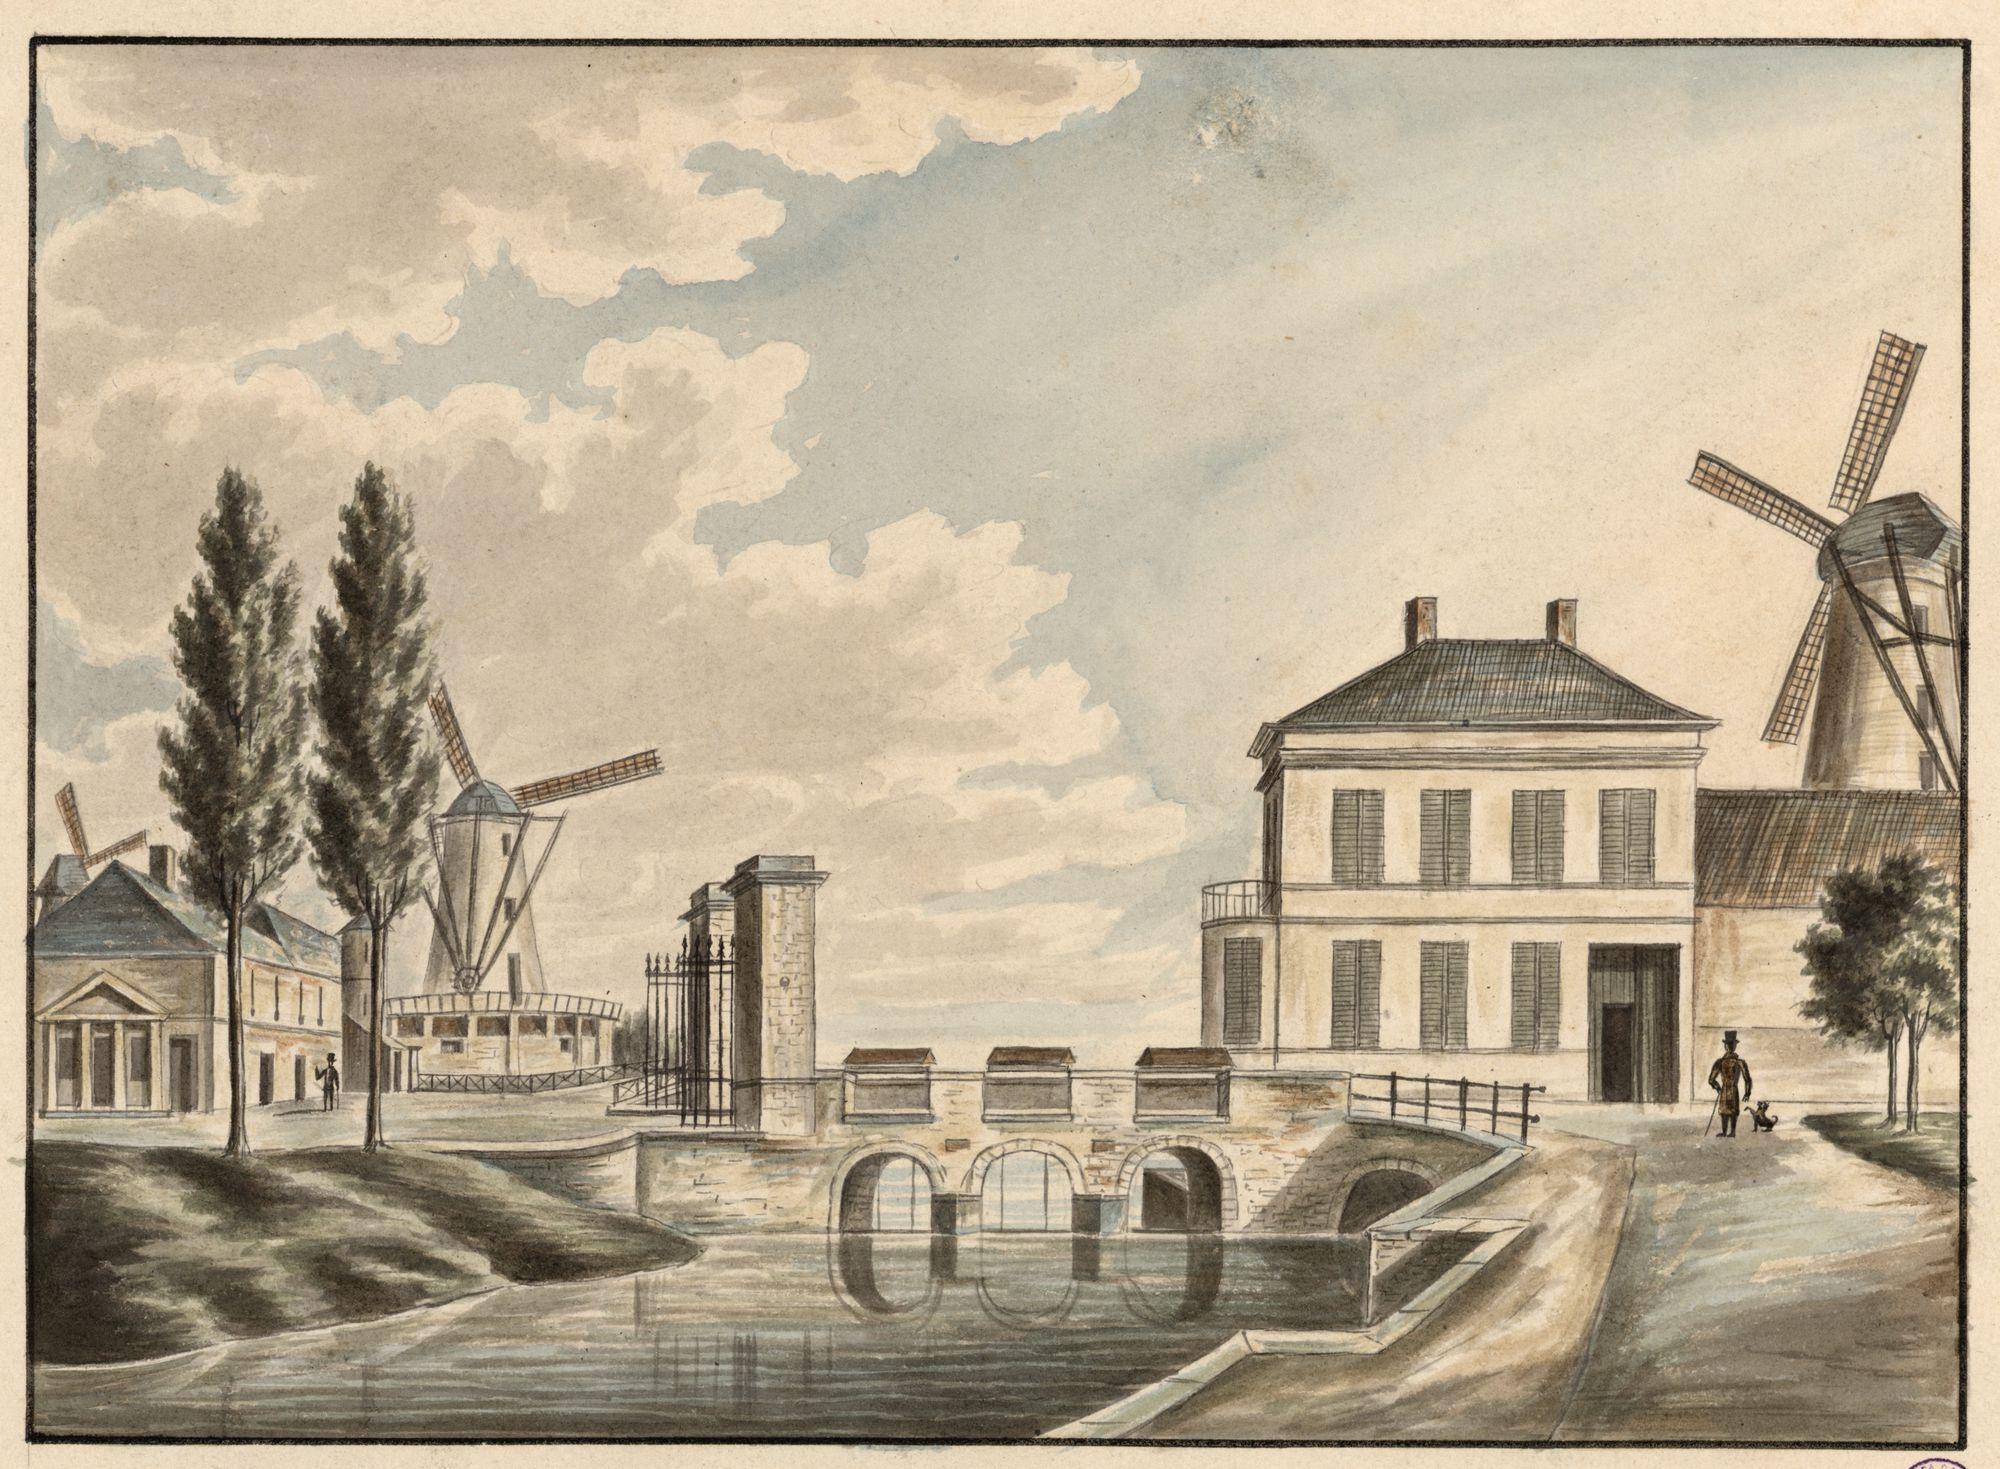 Gent: tolpoort aan Brusselsepoort of Keizerpoort, met sluis en windmolens